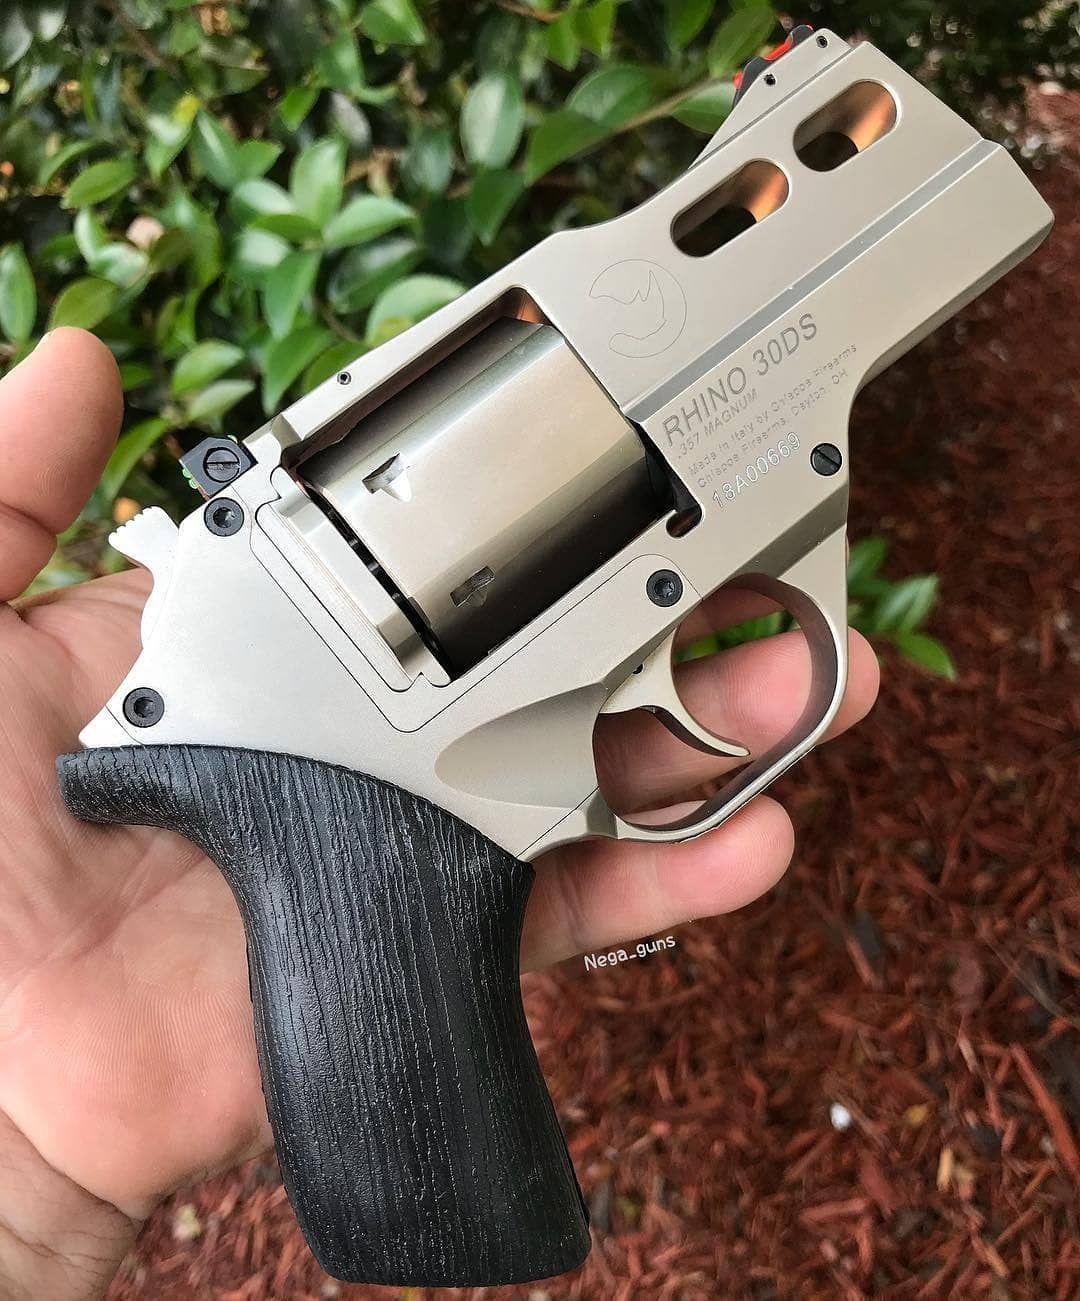 Chiappa Rhino 30DS 357magnum  CRÉDIT | Guns | Guns, 357 magnum, Hand